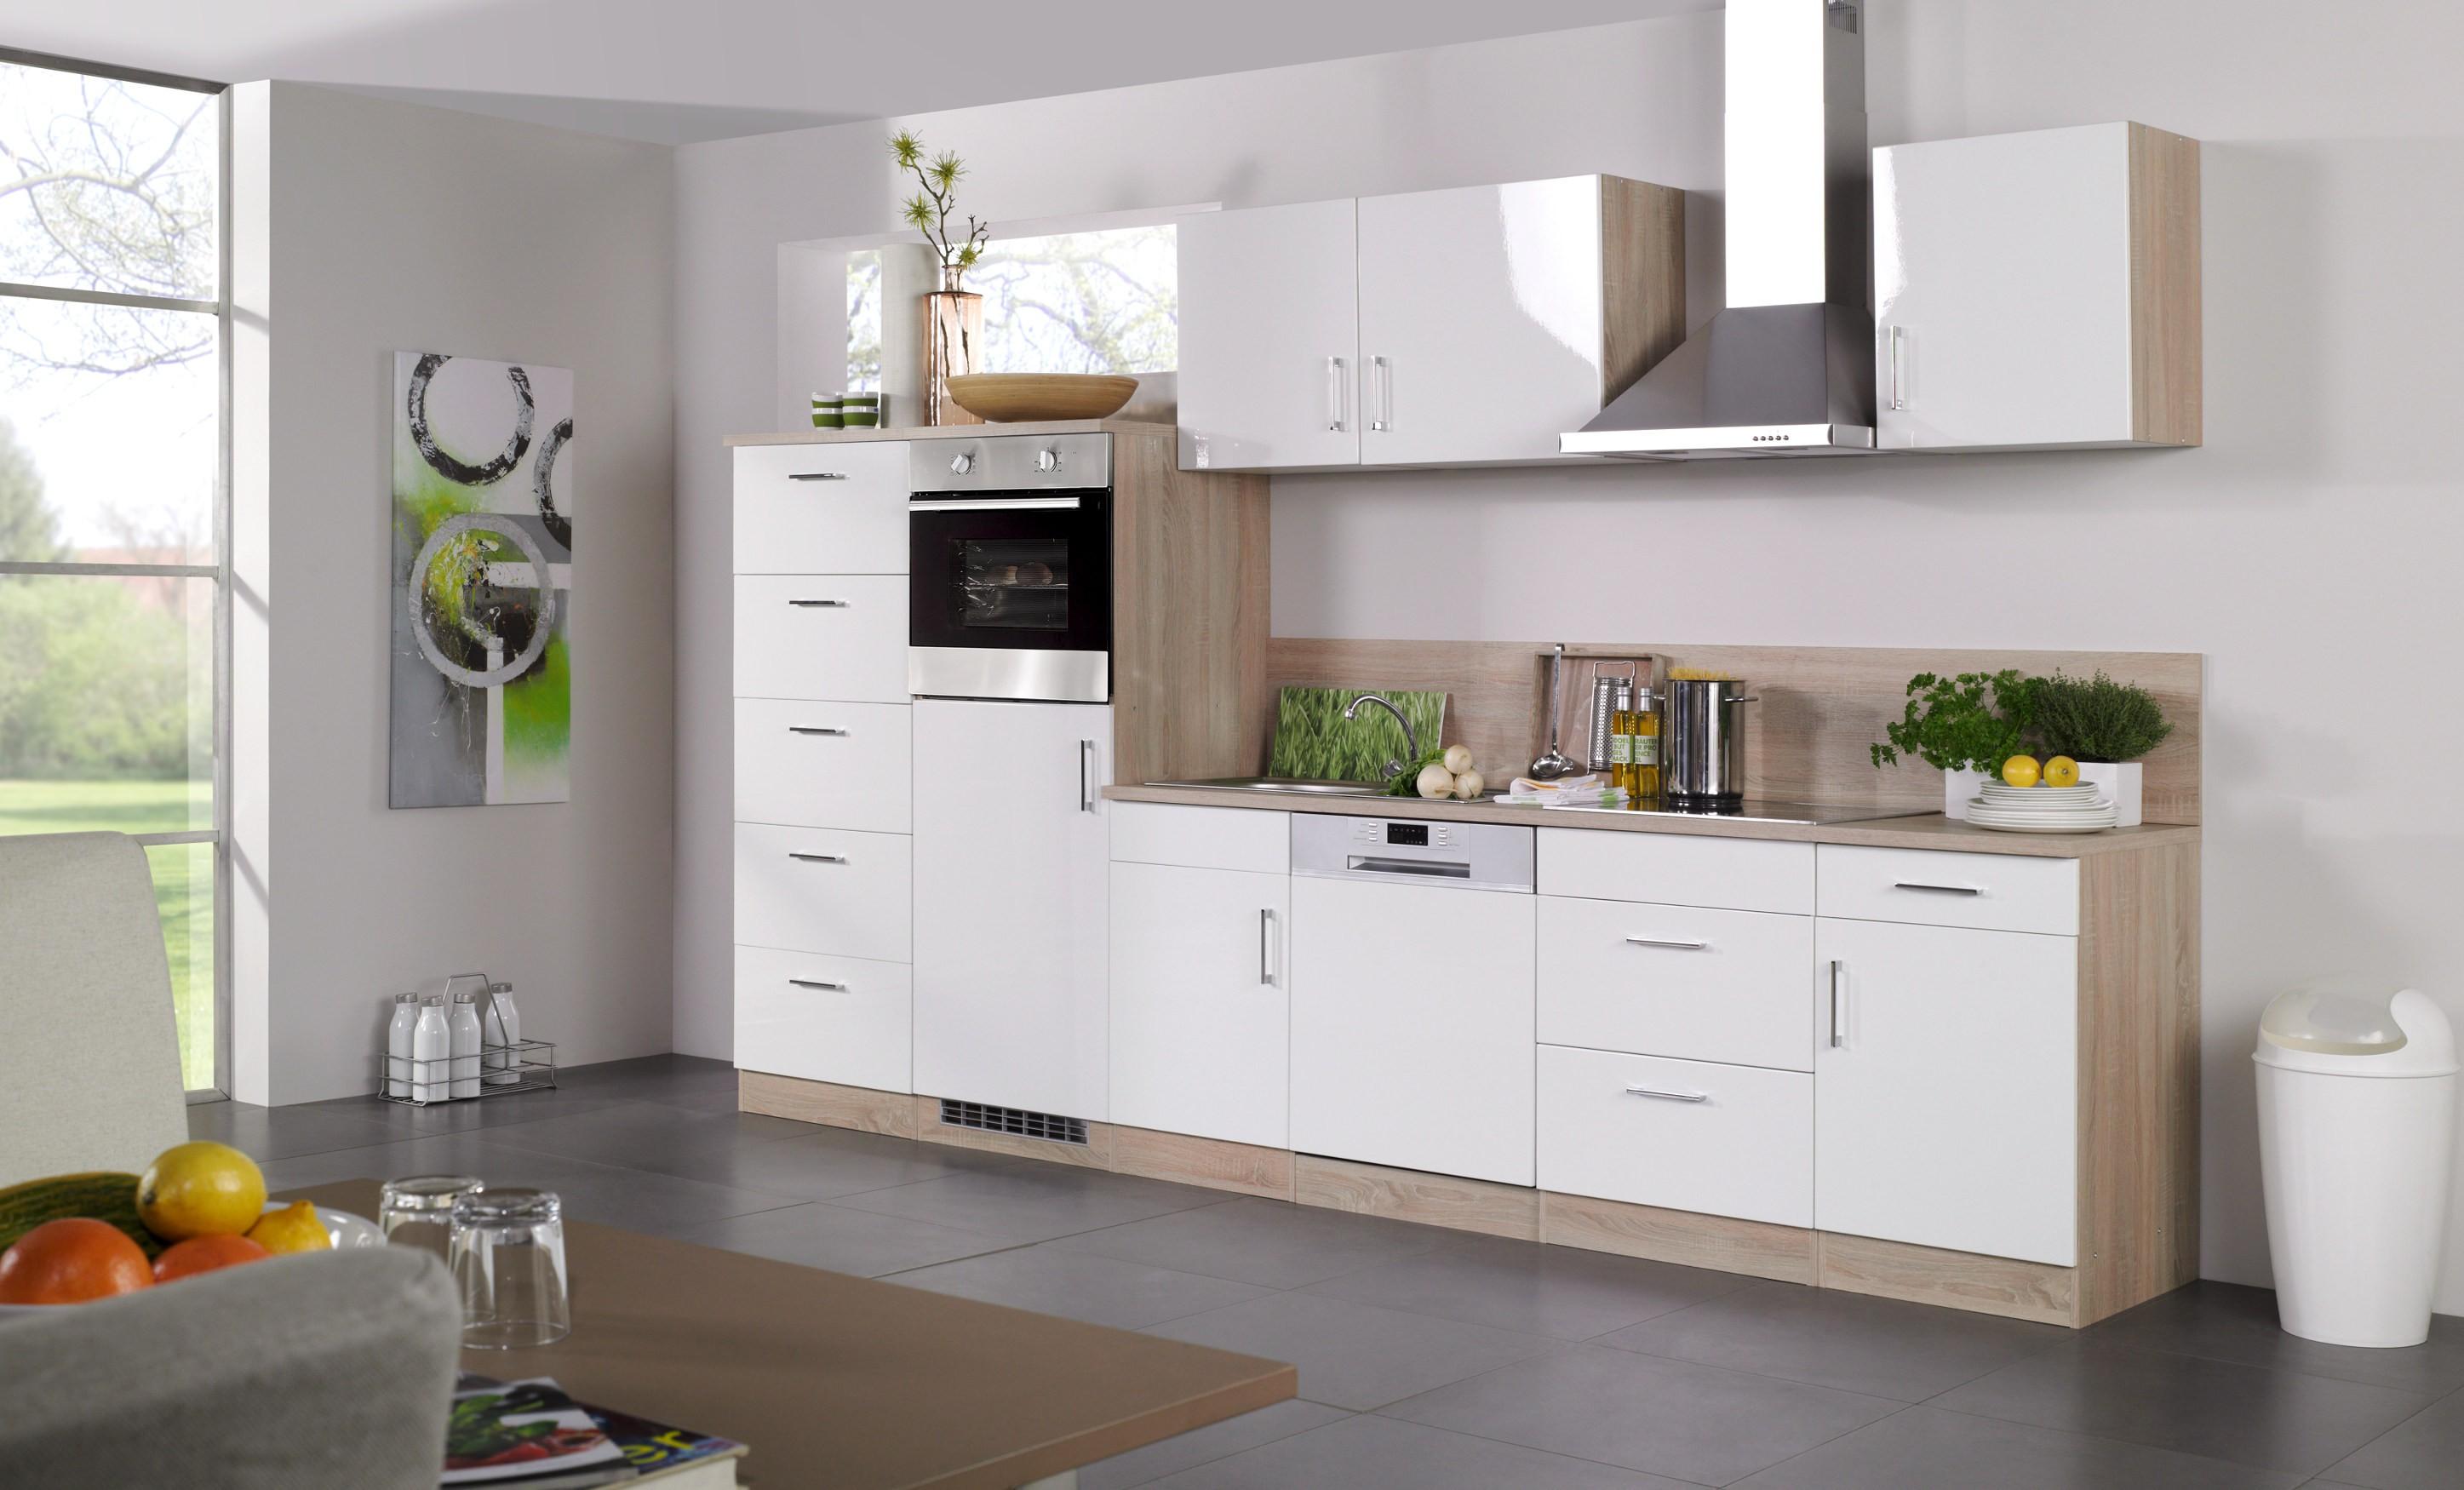 k chen midischrank lissabon 5 ausz ge 60 cm breit wei eiche sonoma k che k chen. Black Bedroom Furniture Sets. Home Design Ideas